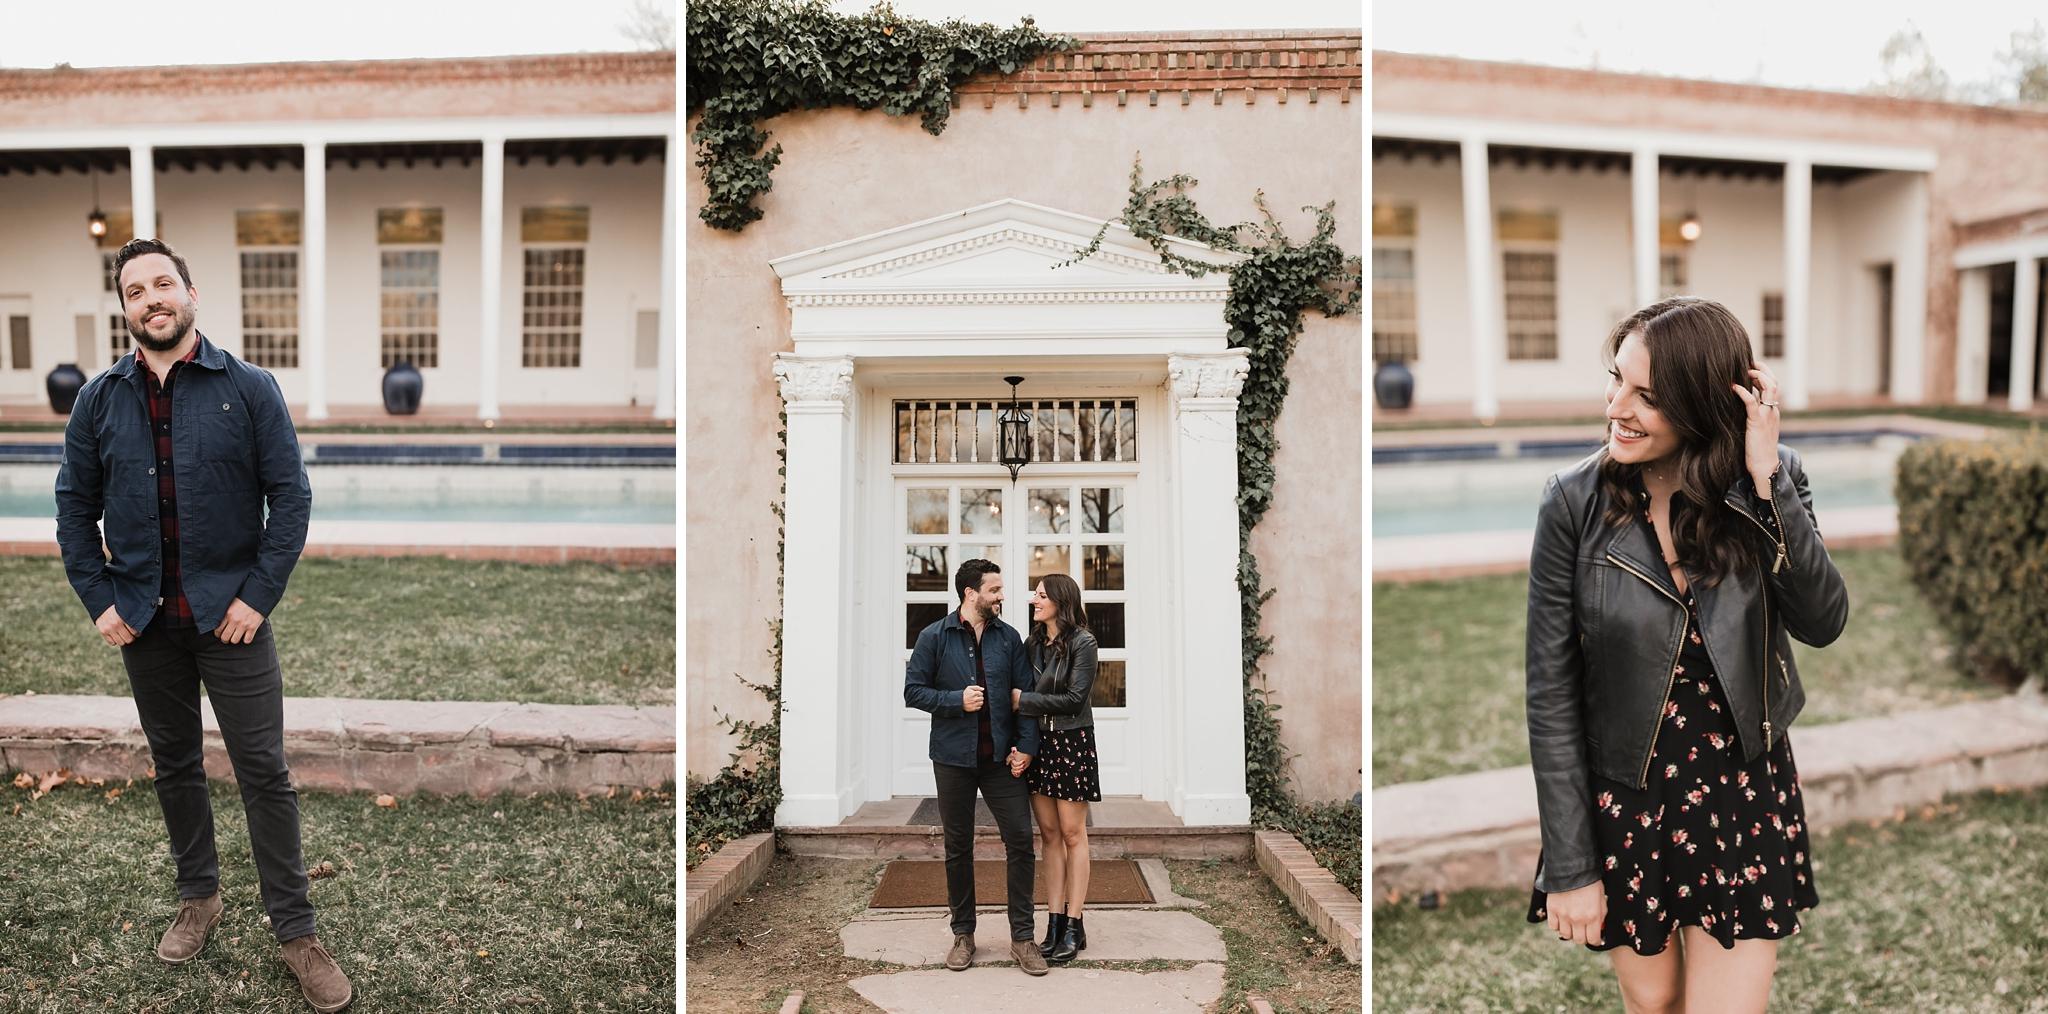 Alicia+lucia+photography+-+albuquerque+wedding+photographer+-+santa+fe+wedding+photography+-+new+mexico+wedding+photographer+-+new+mexico+wedding+-+new+mexico+engagement+-+engagement+style+-+style+lookbook_0036.jpg